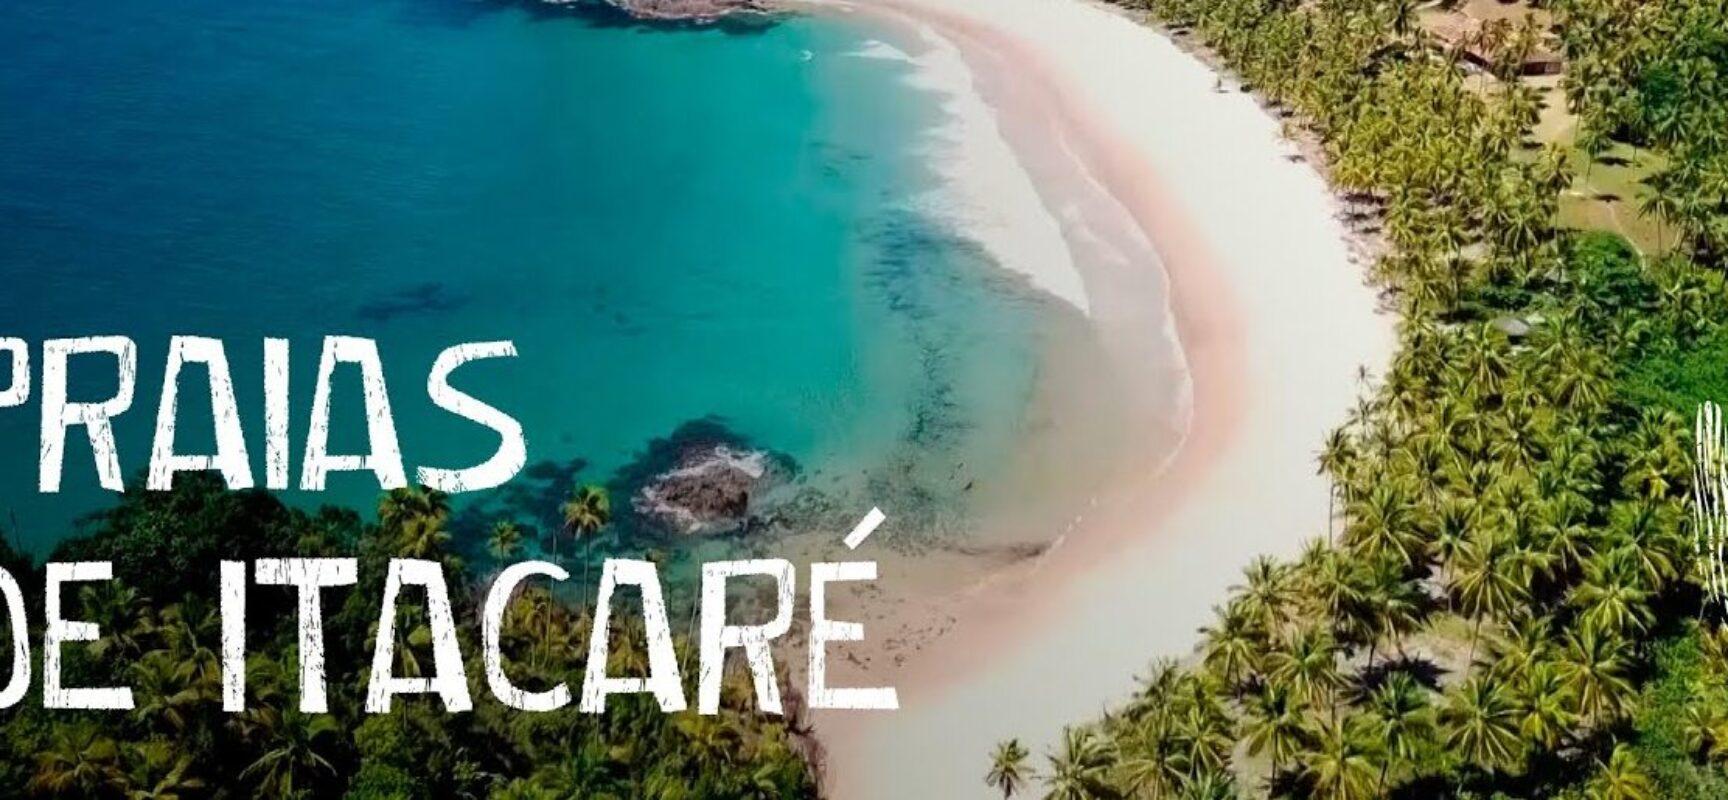 Prefeito de Itacaré discute com Estado  sobre o apoio na retomada do turismo